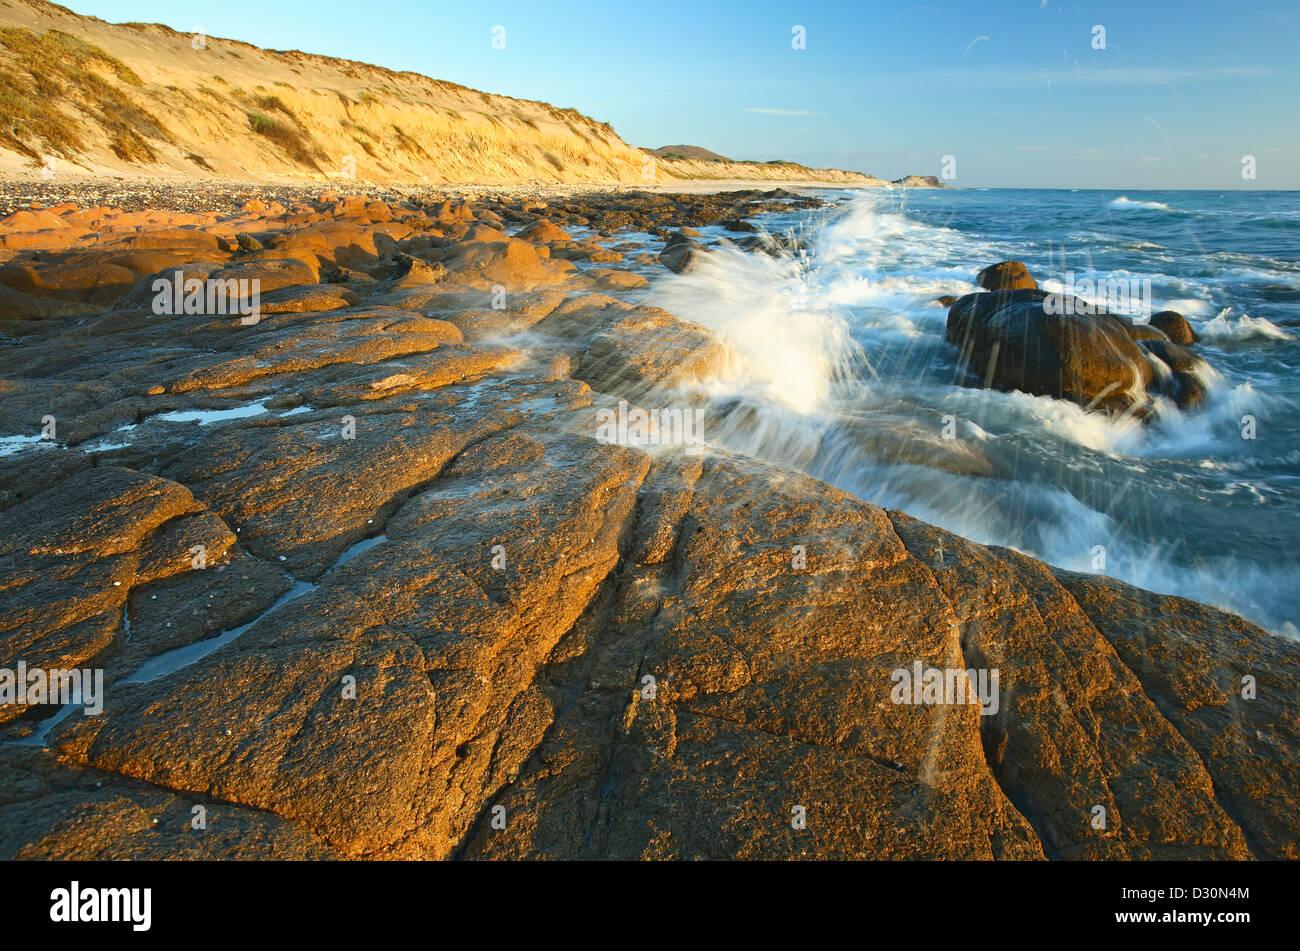 Olas rompiendo sobre las rocas, Cabo Pulmo (en el Mar de Cortez), Baja California Sur, México Imagen De Stock